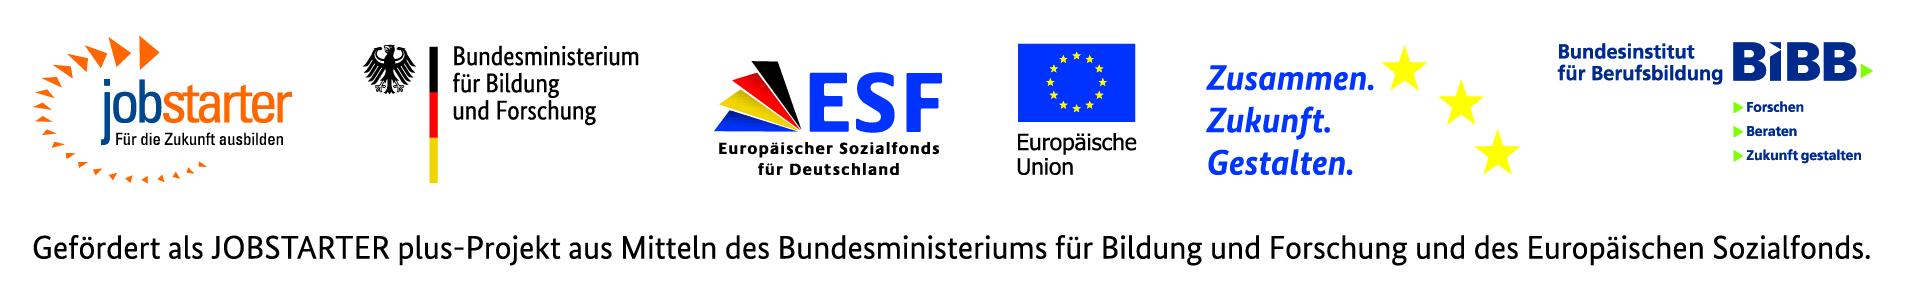 Geförert als JOBSTARTER plus-Projekt aus Mitteln des Bundesministeriums für Bildung und Forschung und des Europäischen Sozialfonds